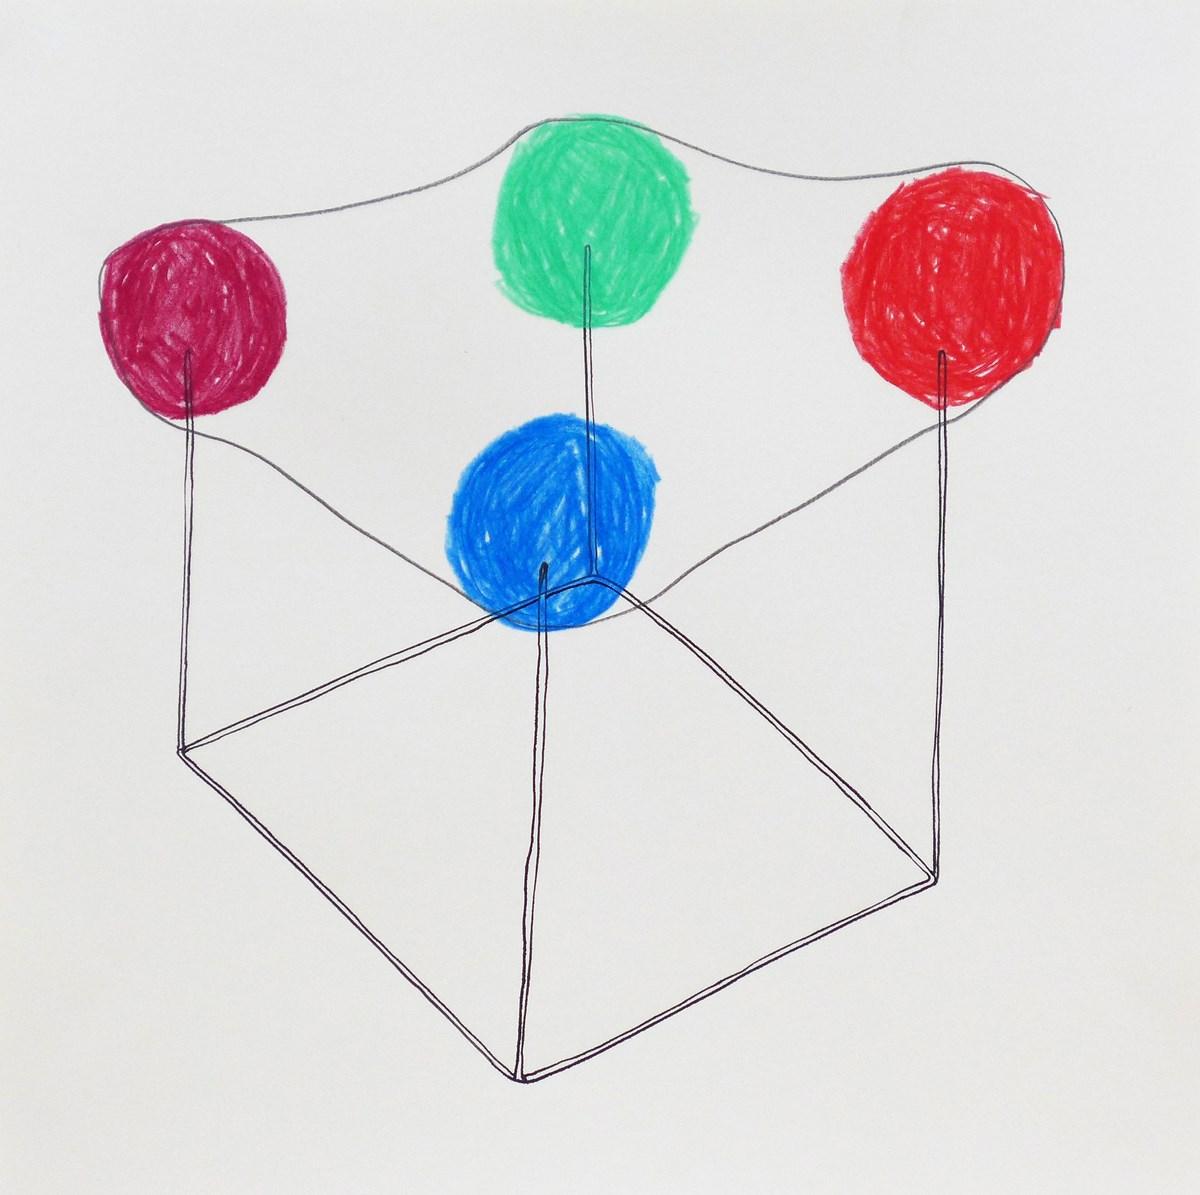 """Alicja Bielawska, z serii: """"Kształty podręczne / Handy Shapes"""", 2014, tusz, kredka, ołówek na papierze, 40 x 40 cm (źródło: materiały prasowe organizatora)"""